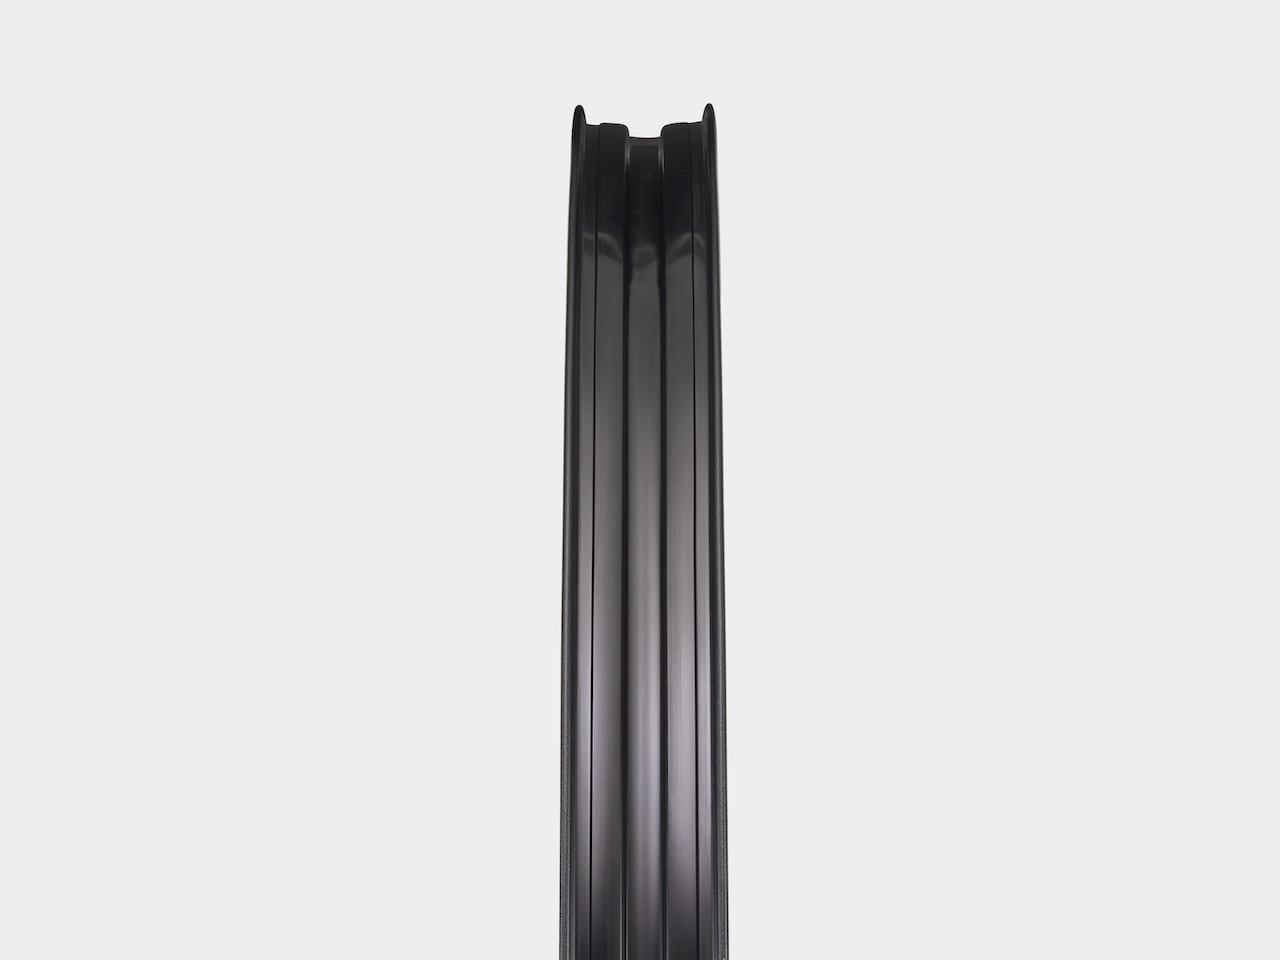 Bontrager Comp tubeless rim wide